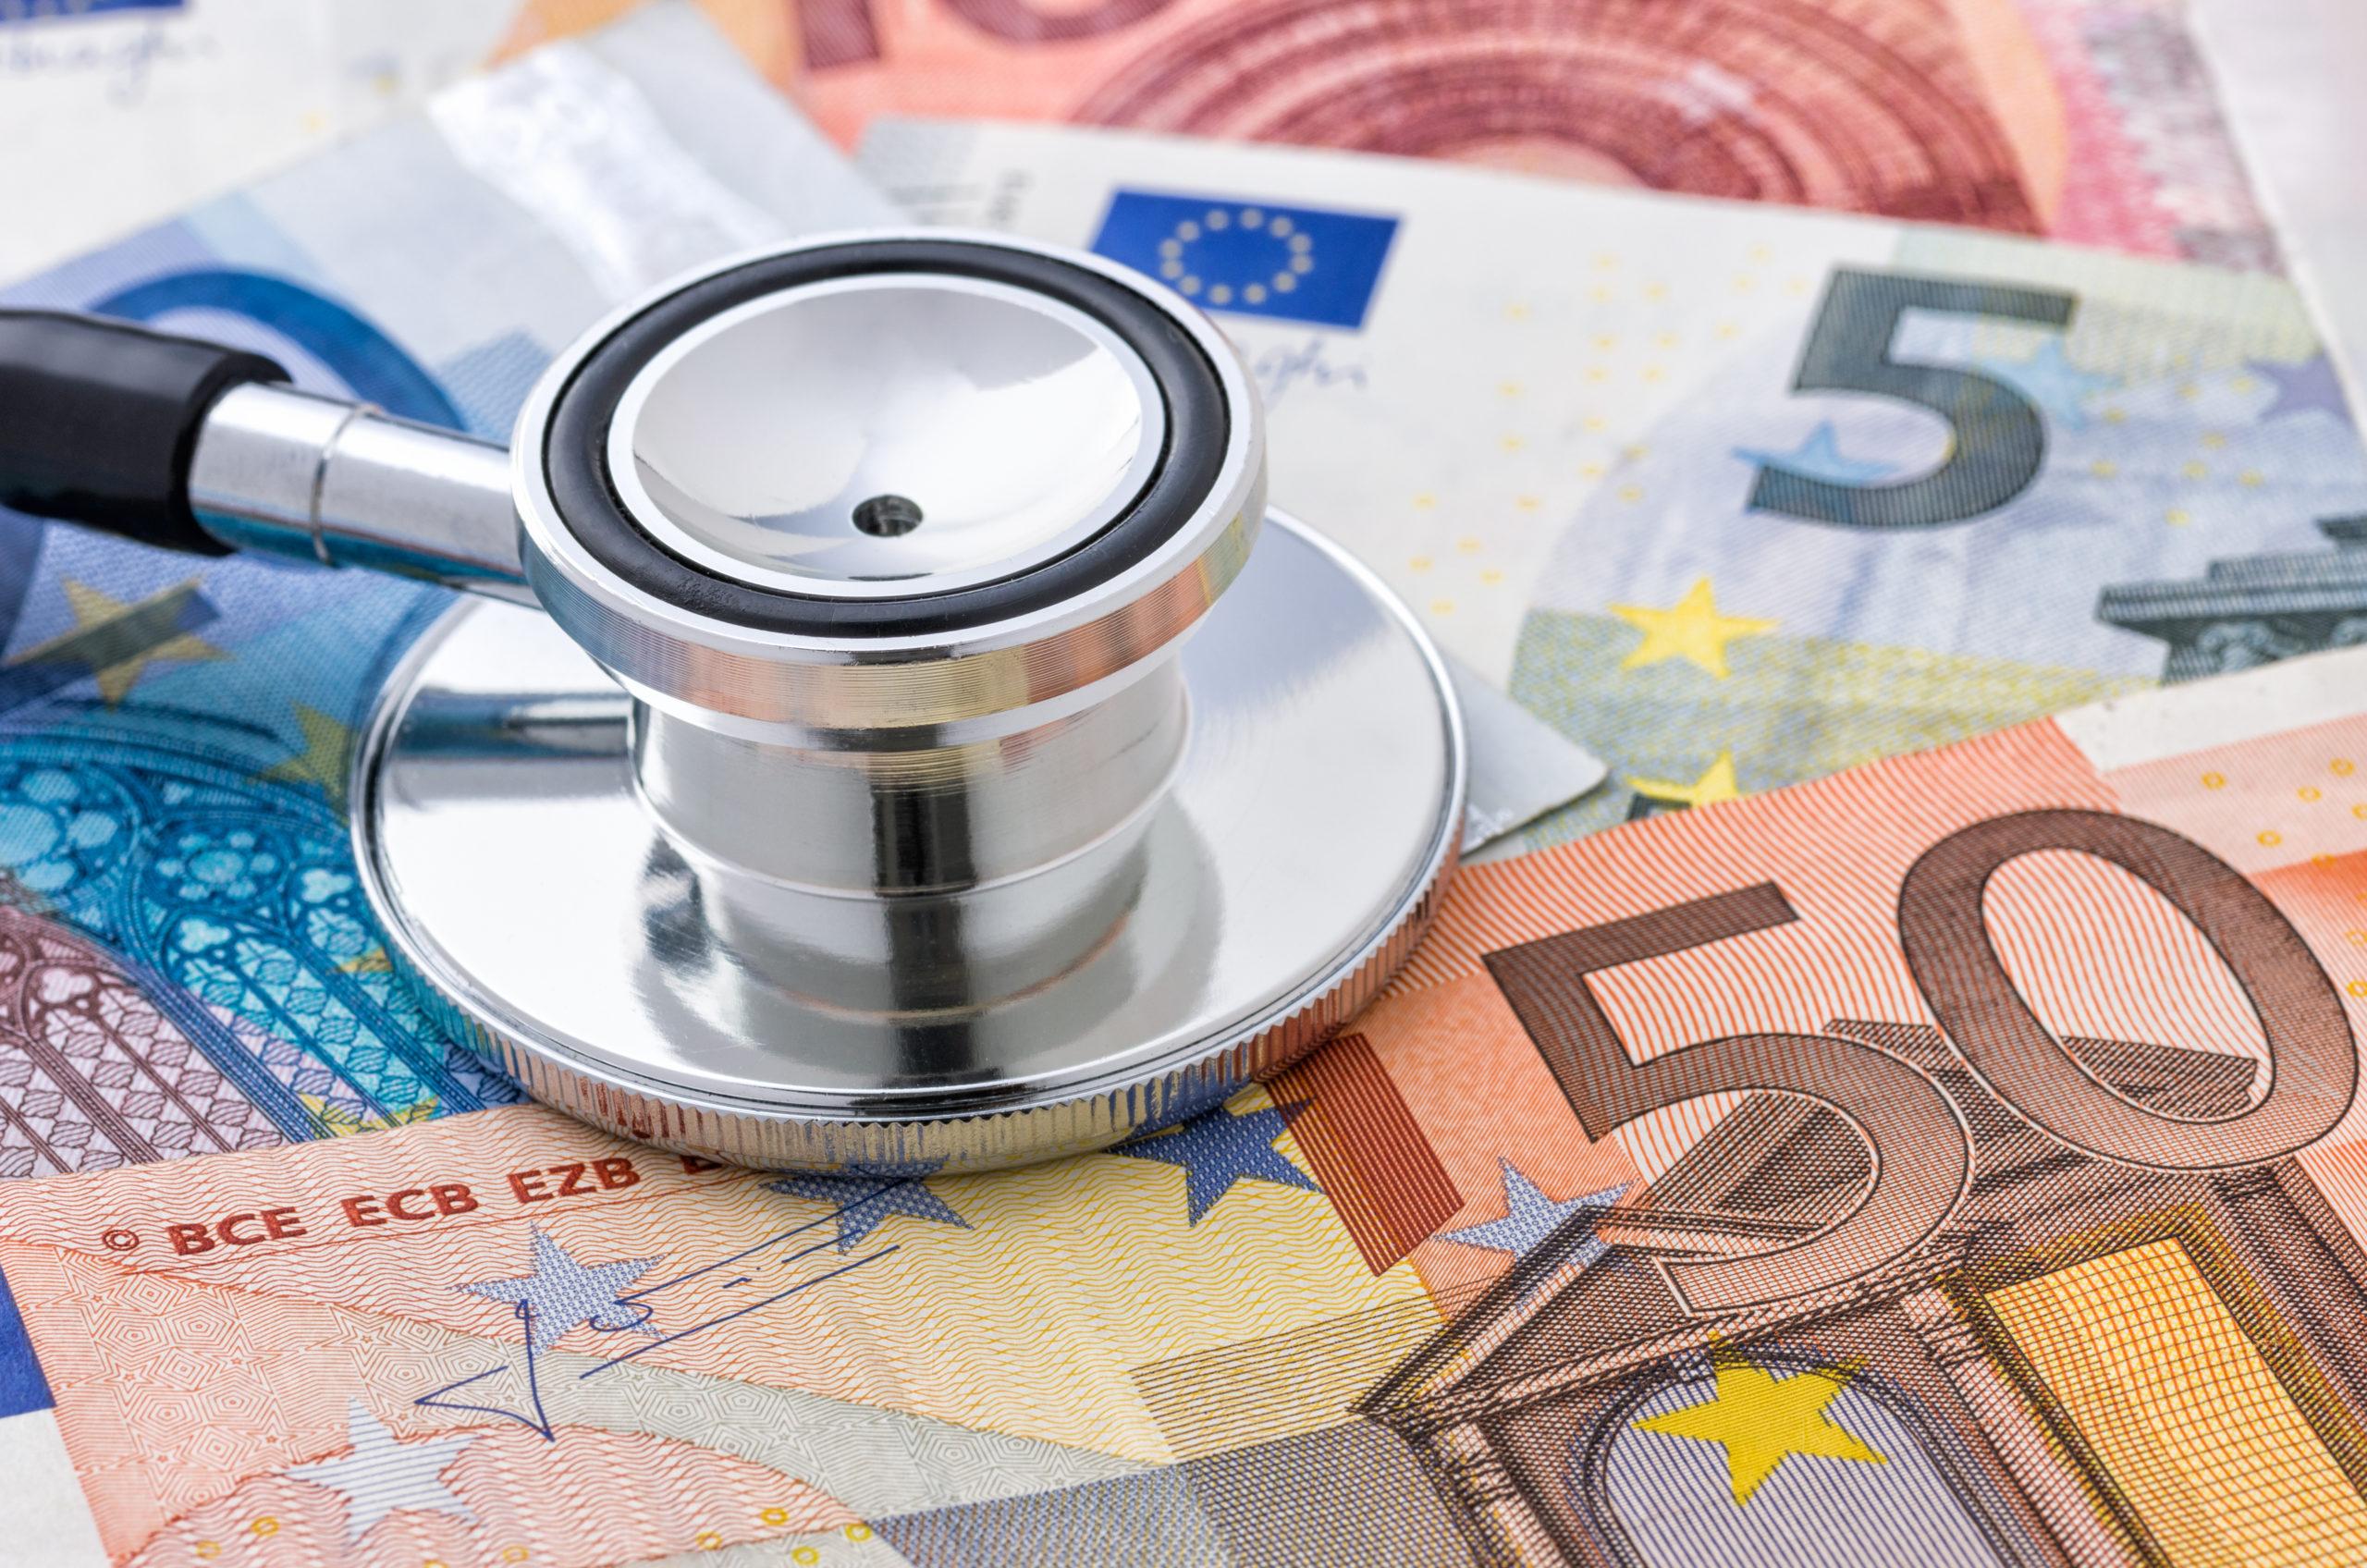 Corona Blog: Covid-19-Investitionsanreize für Ärzte 2020 - 16.10.2020